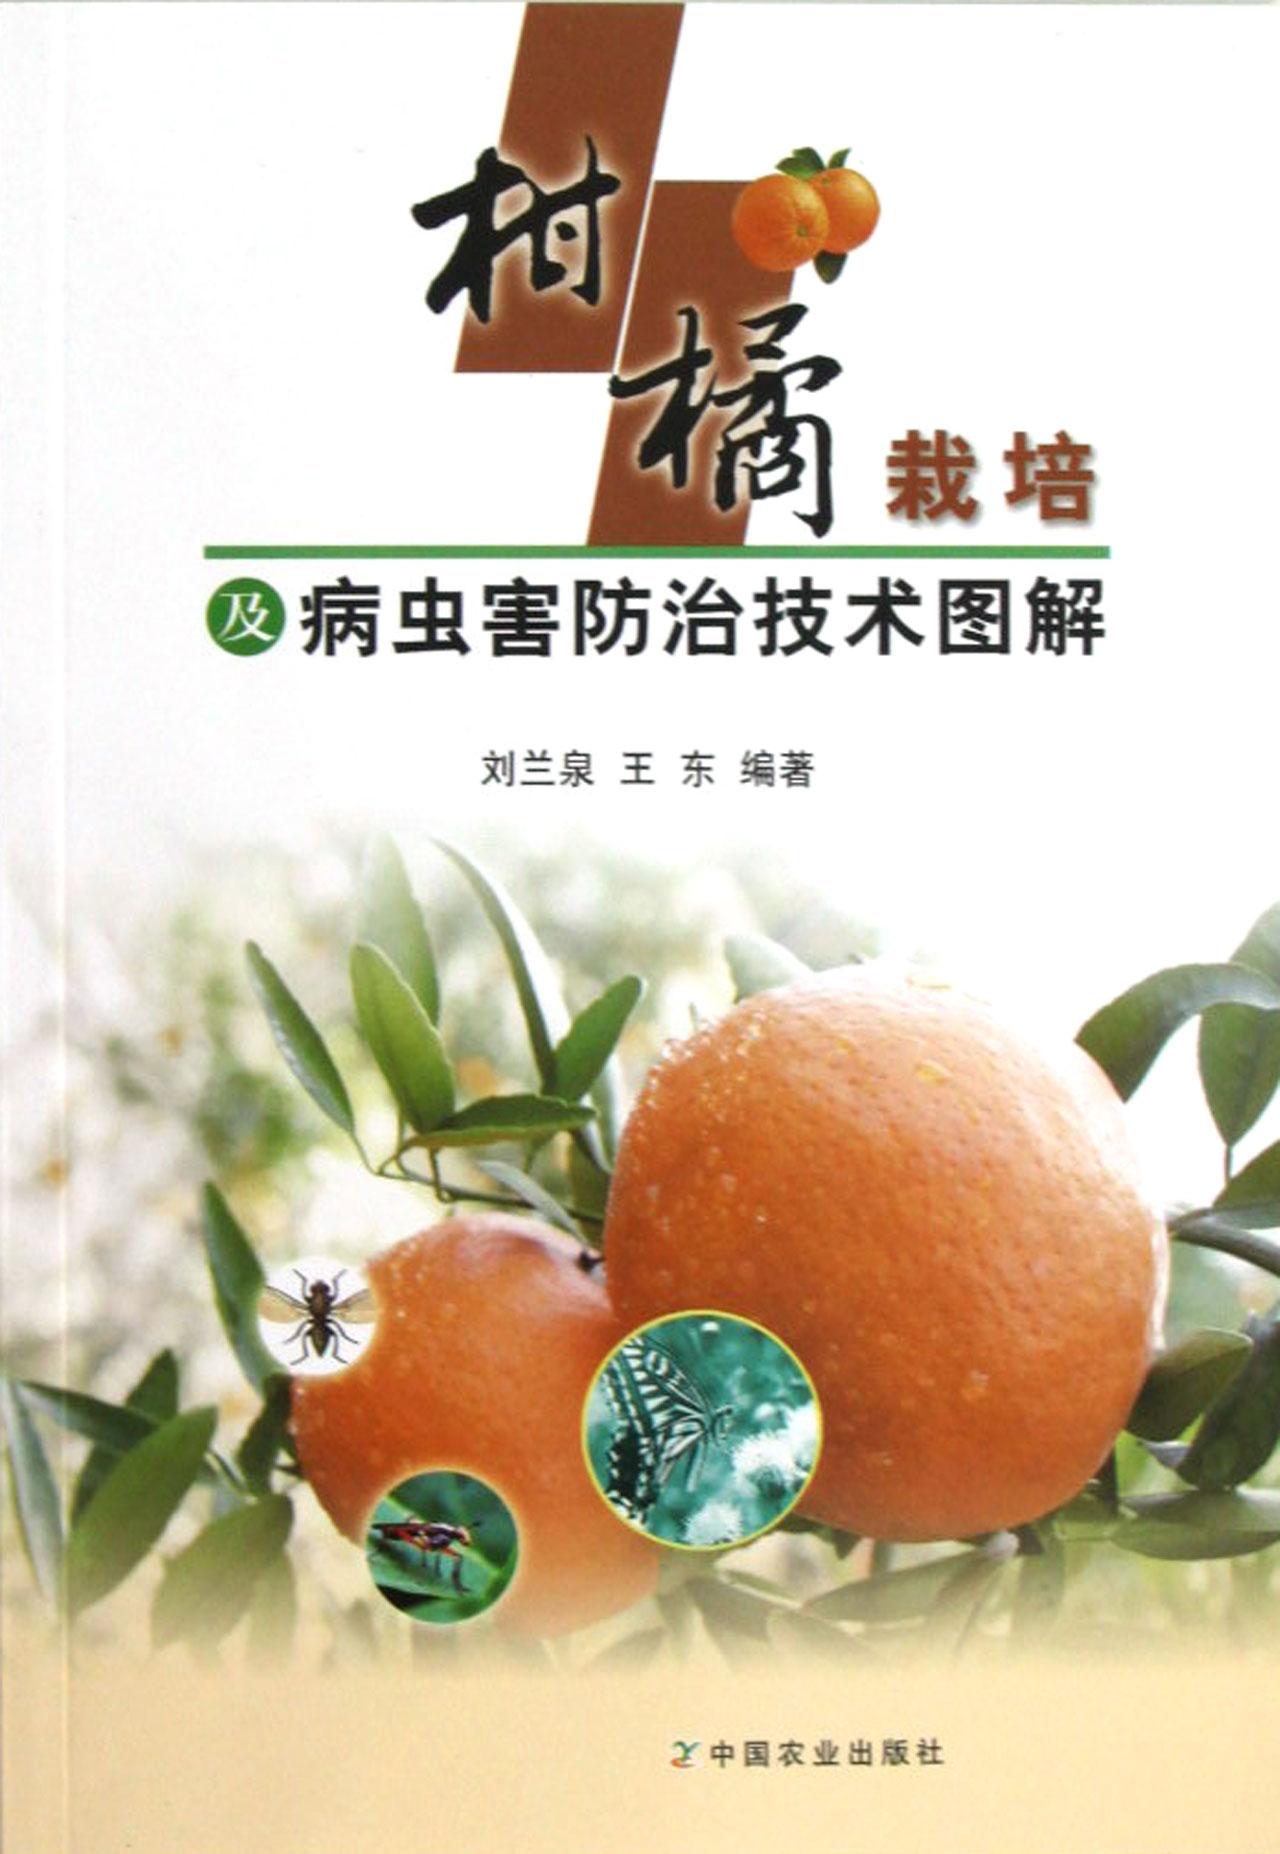 柑橘栽培及病虫害防治技术图解